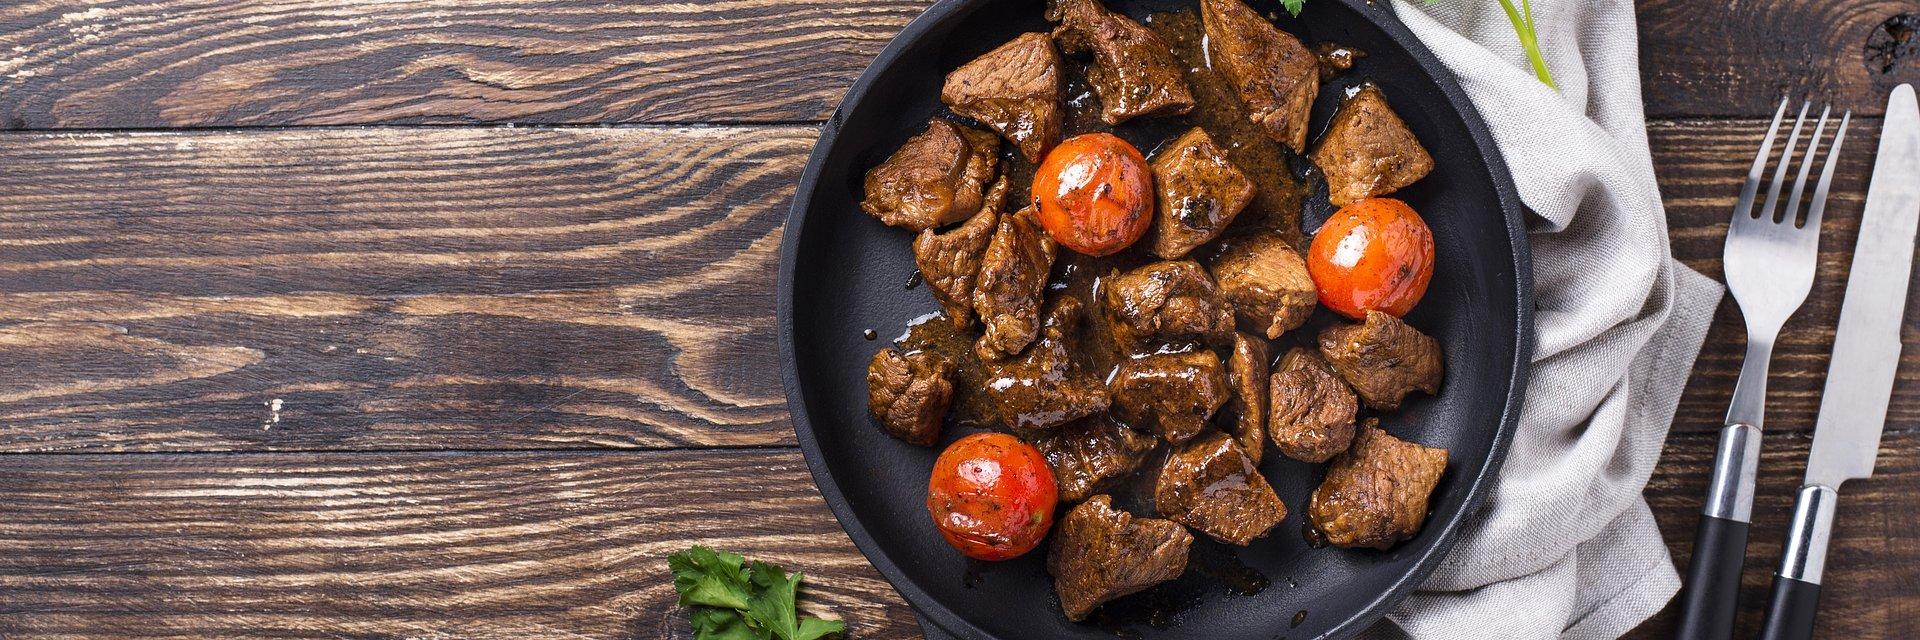 10 Keto-Friendly Foods in Bulk Online